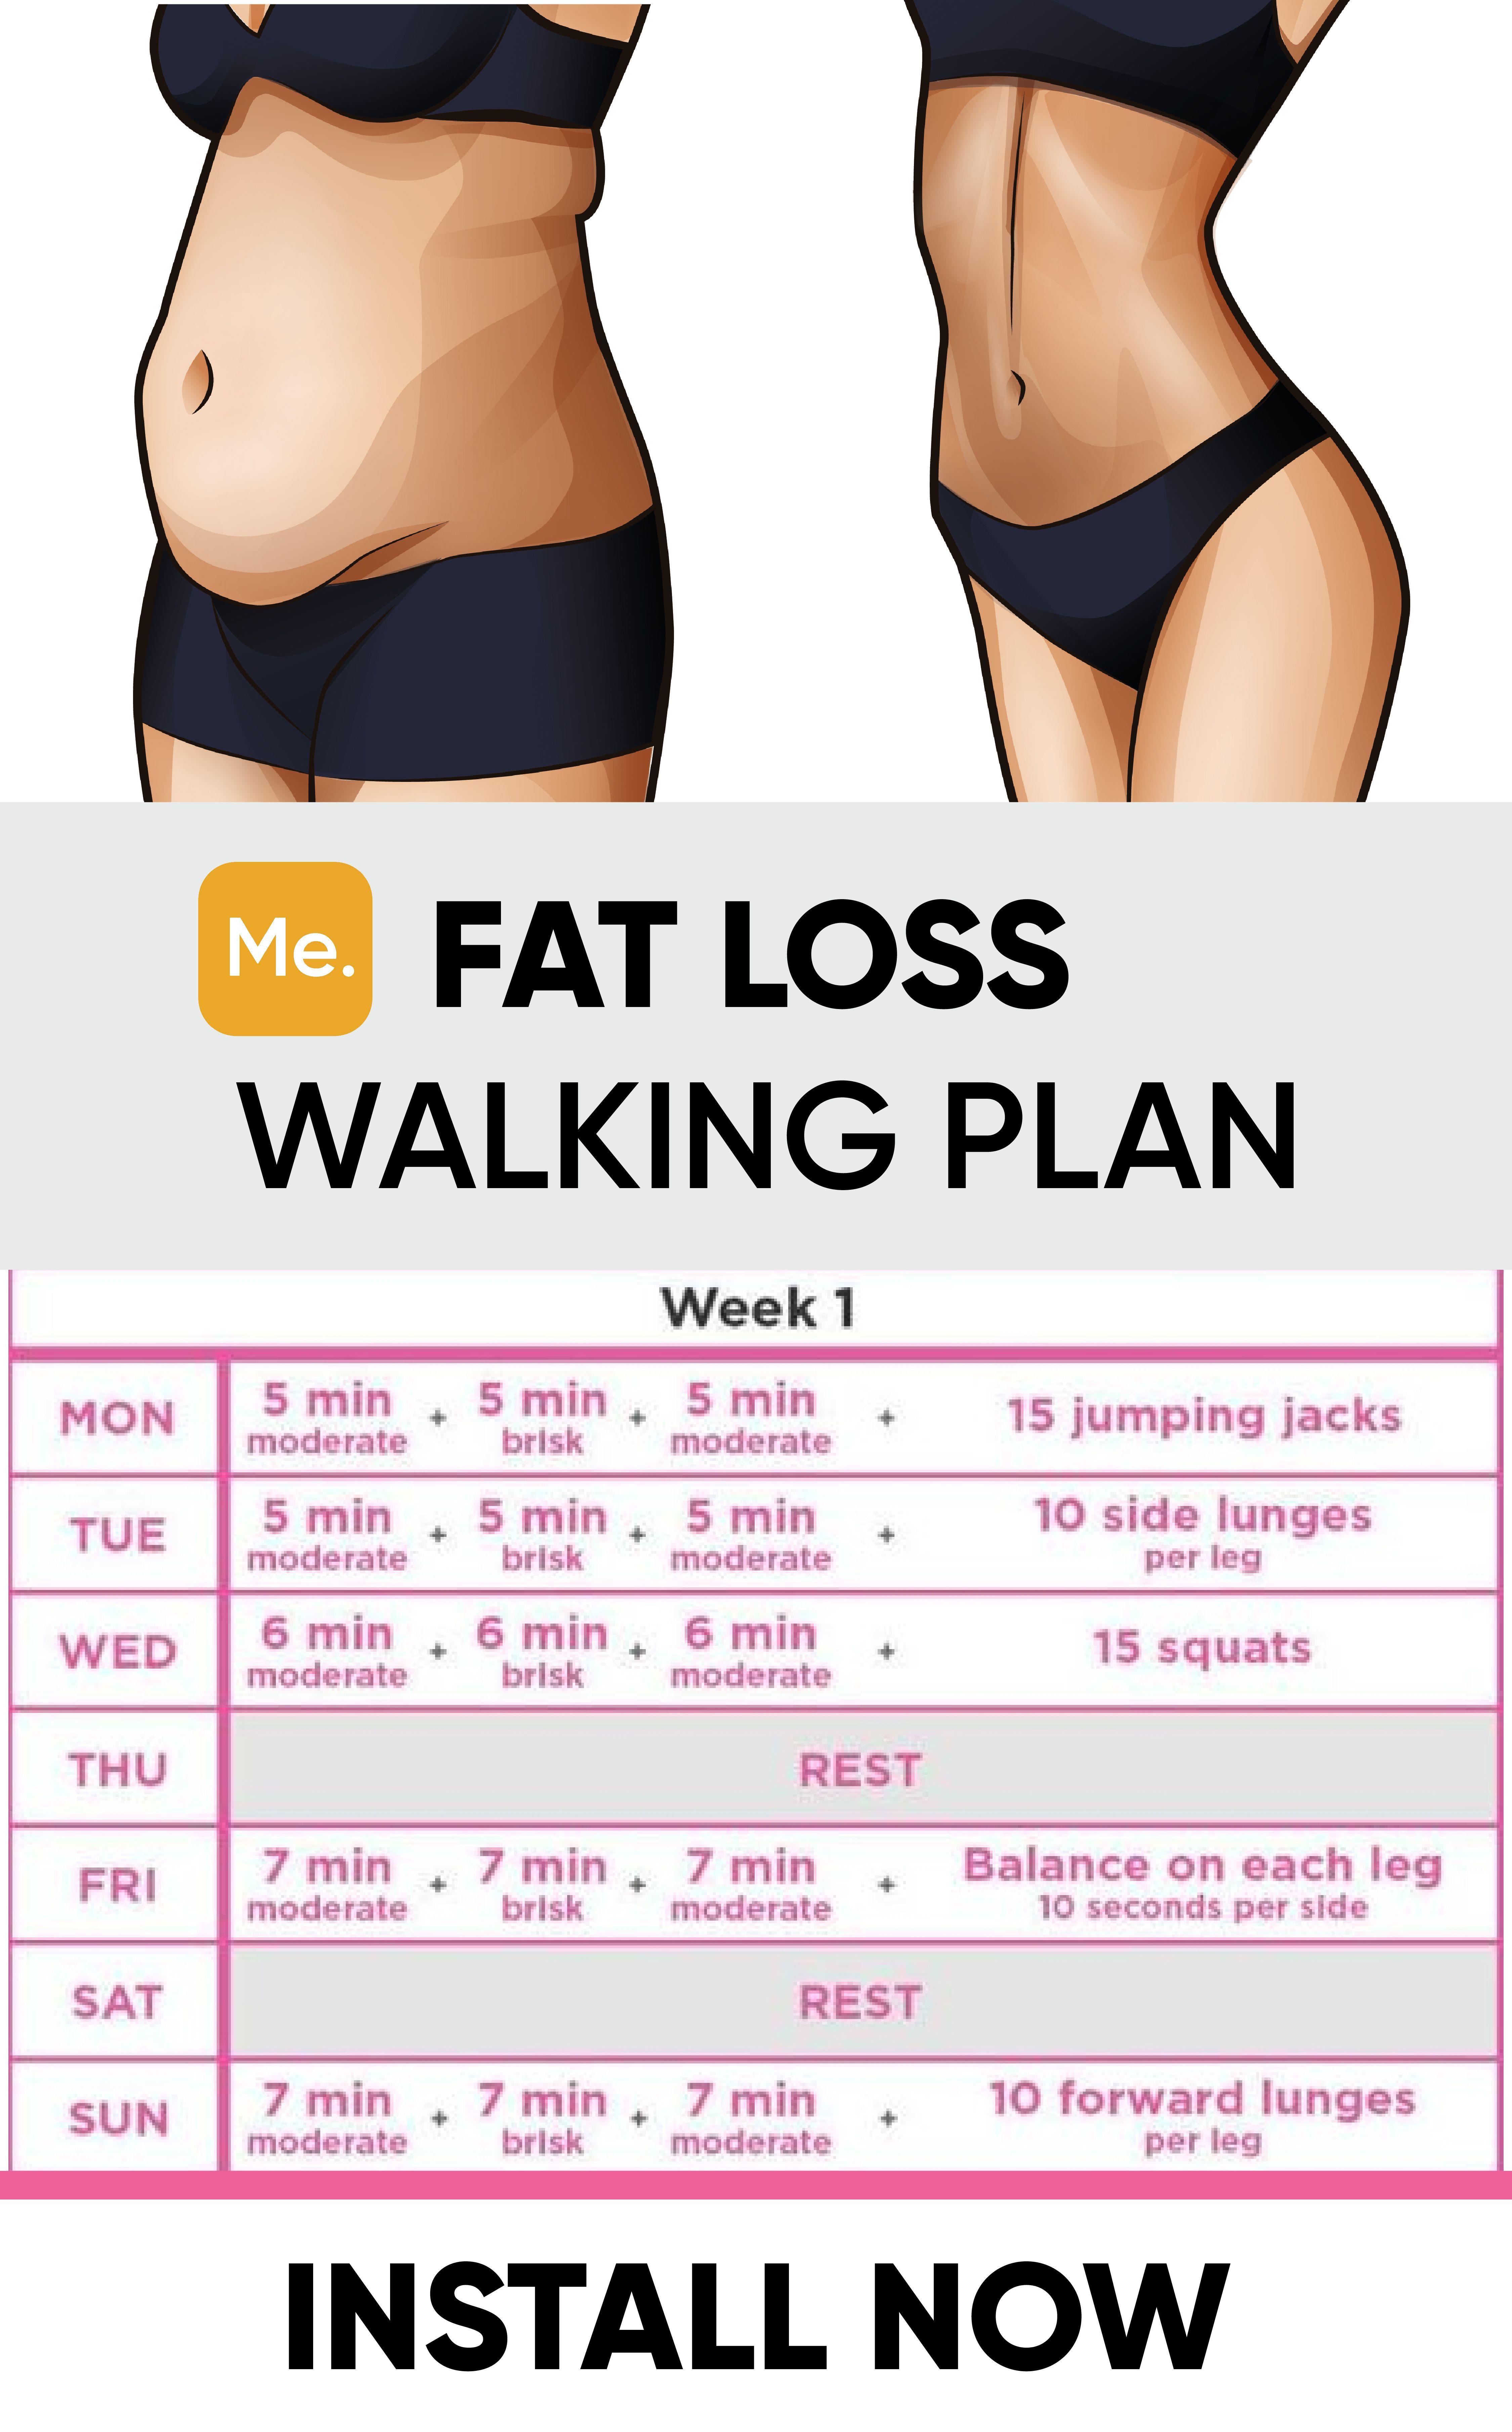 Wöchentliche Fitness-Routine, um Gewicht zu verlieren